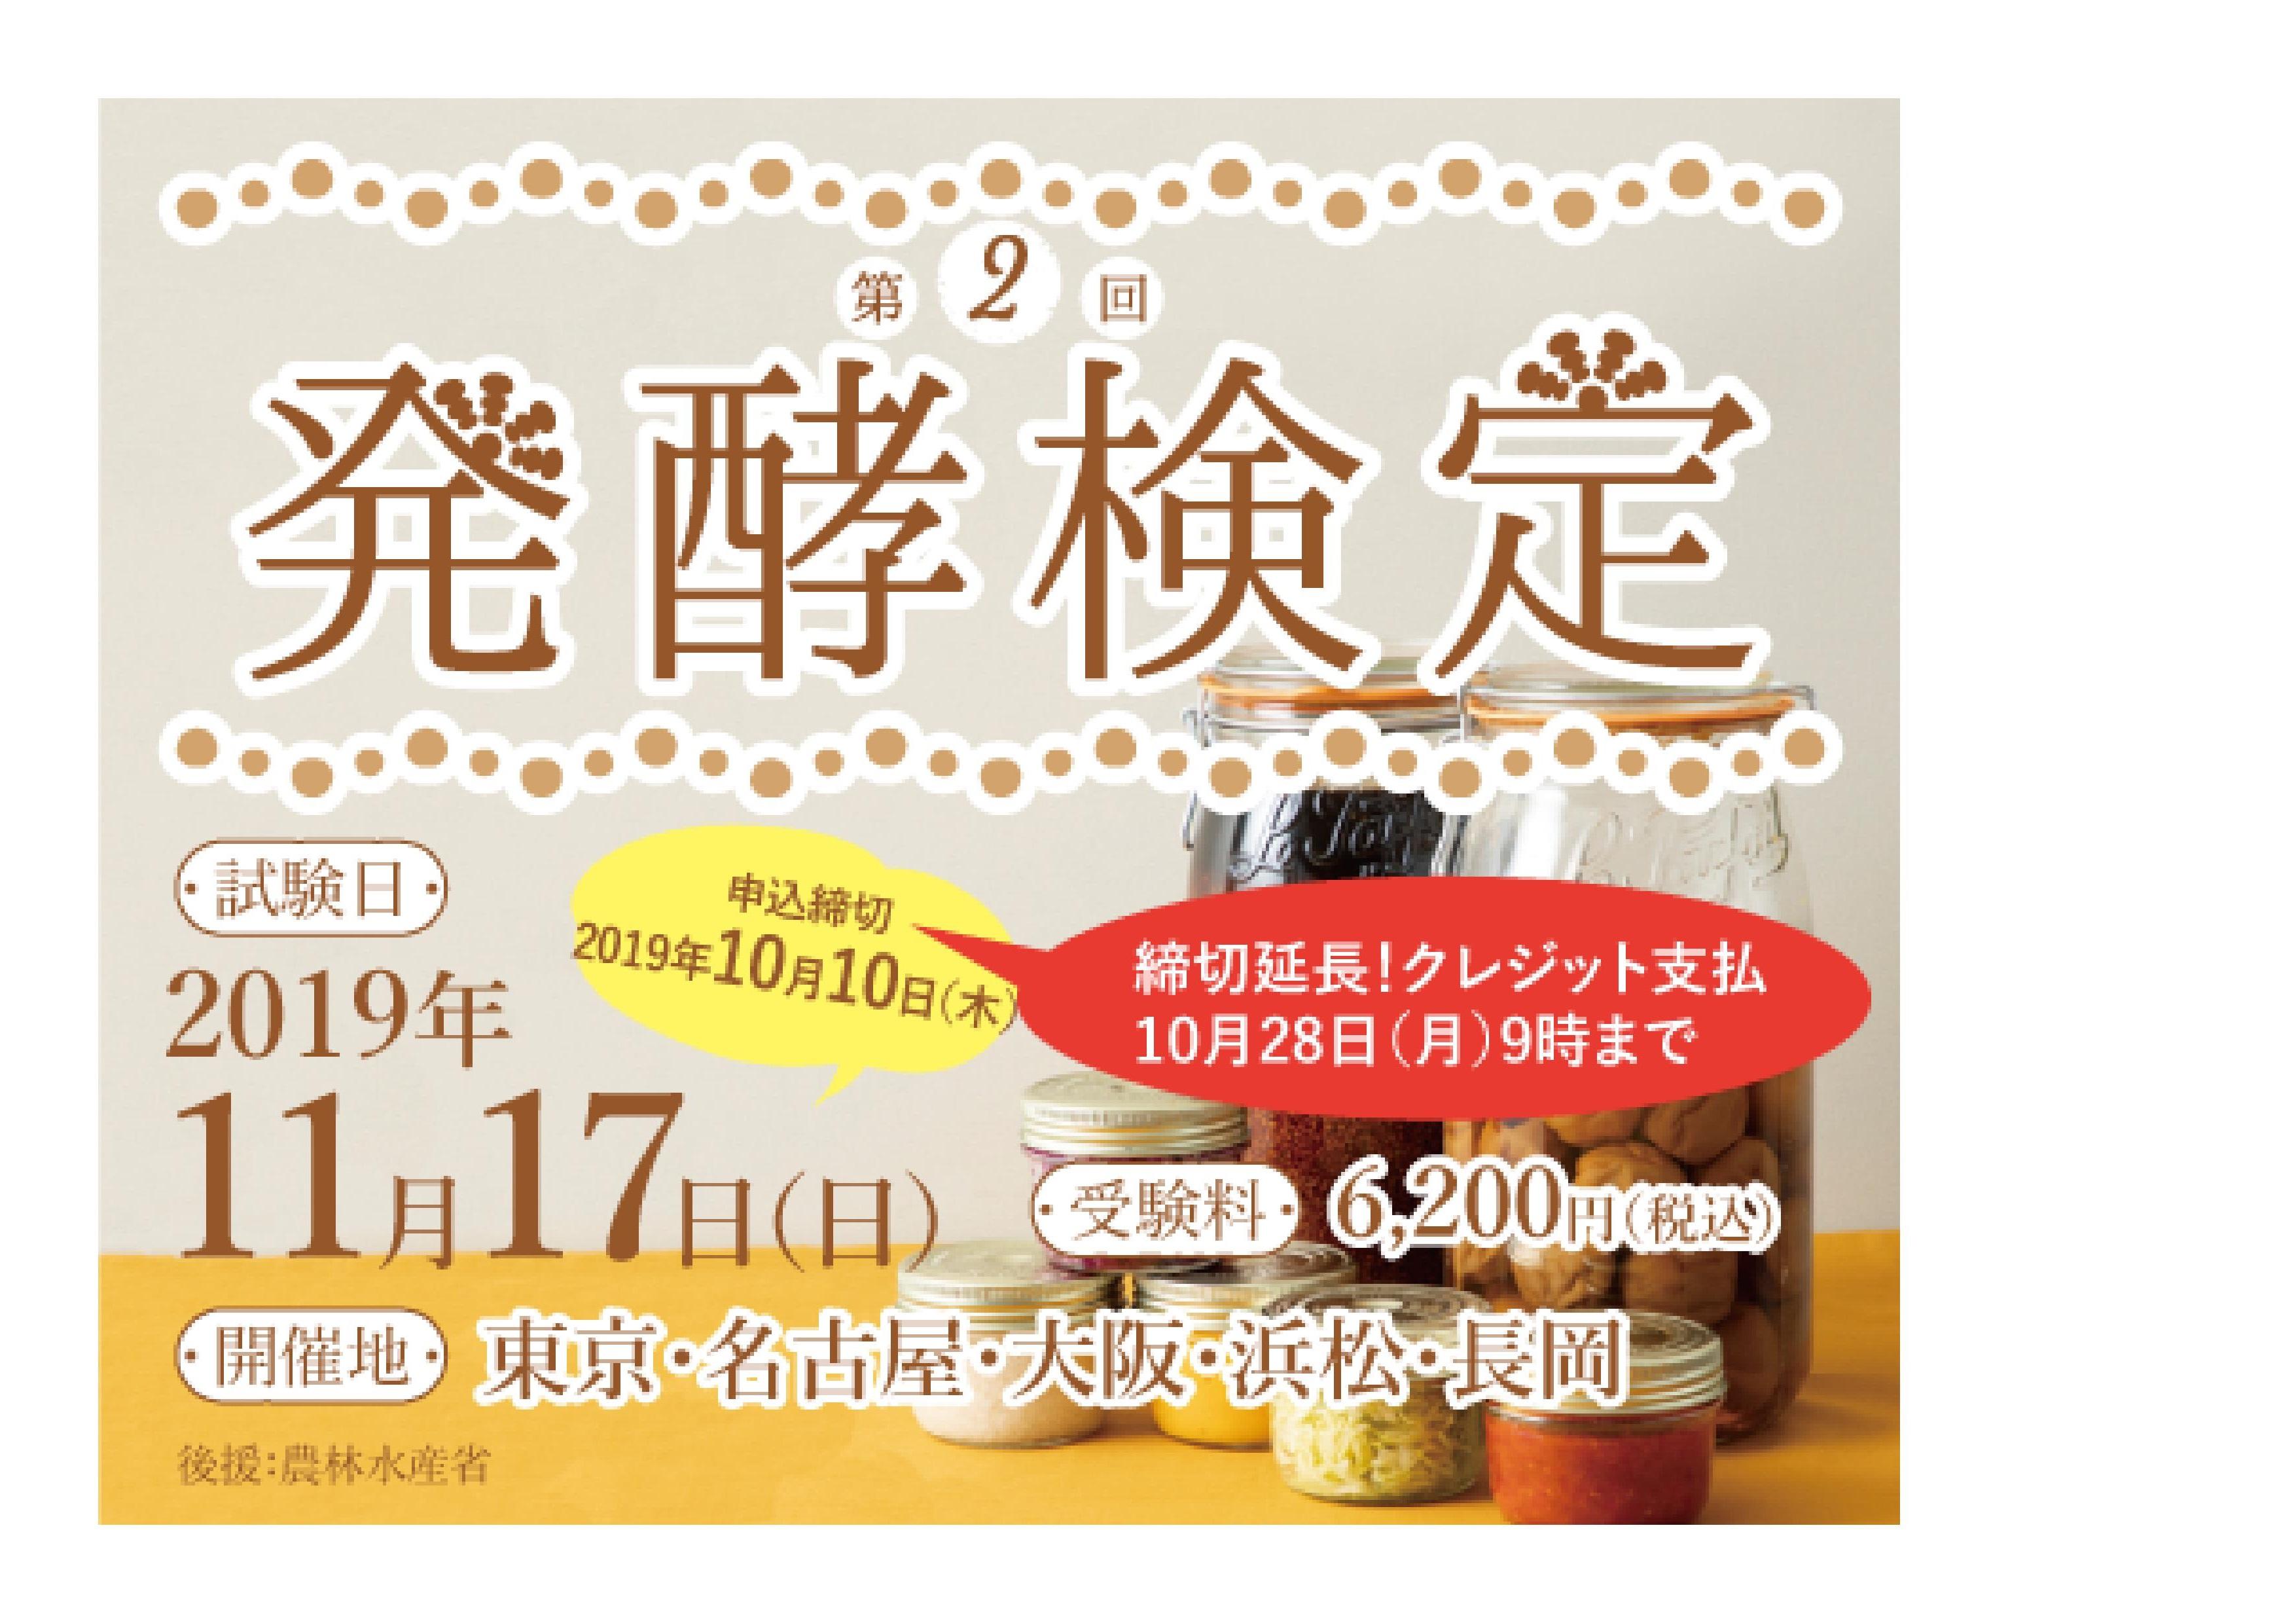 【特別セミナー】 「発酵検定」対策セミナーin東京 ※申し込み期限 11月4日 23:59まで